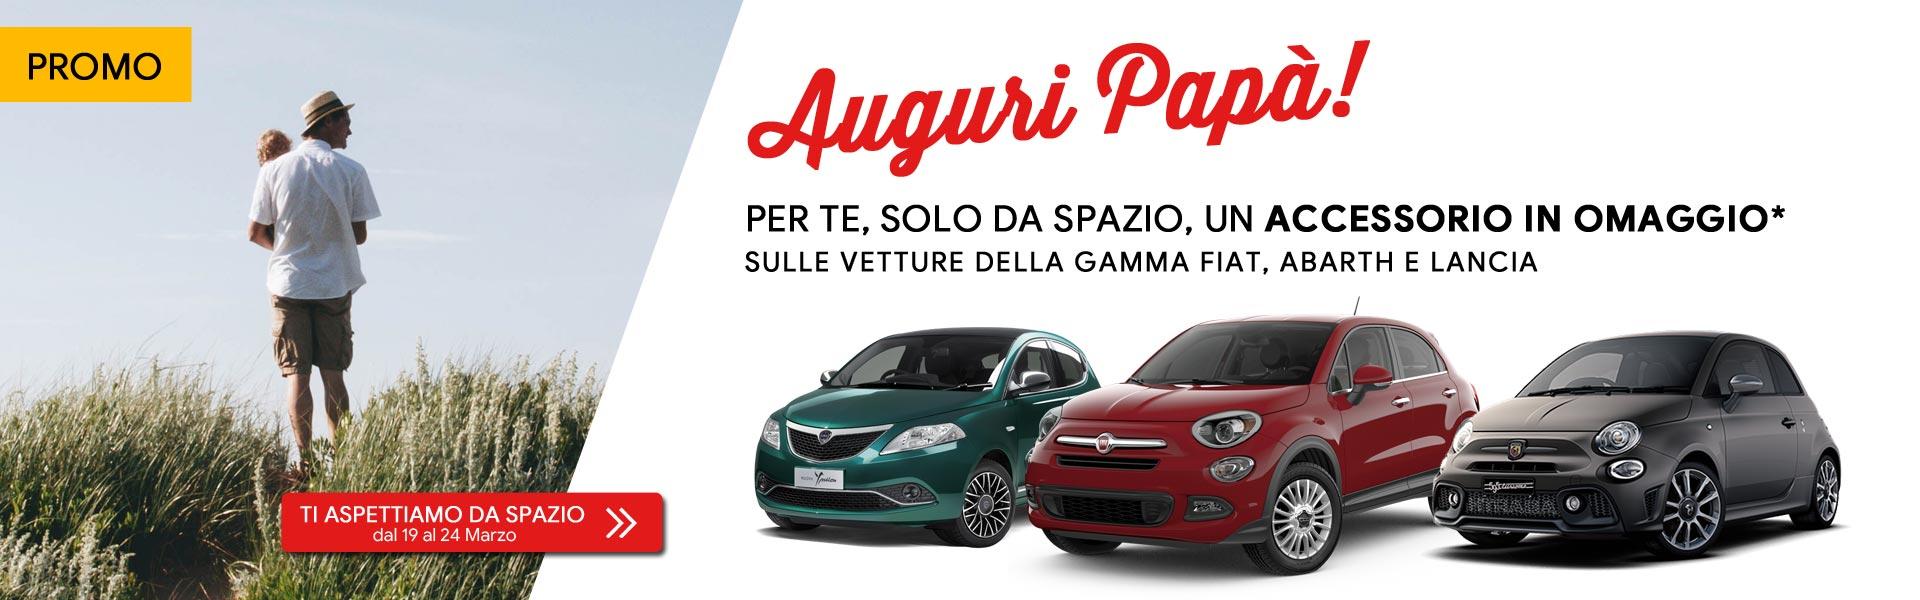 Festa del papà Fiat Abarth Lancia